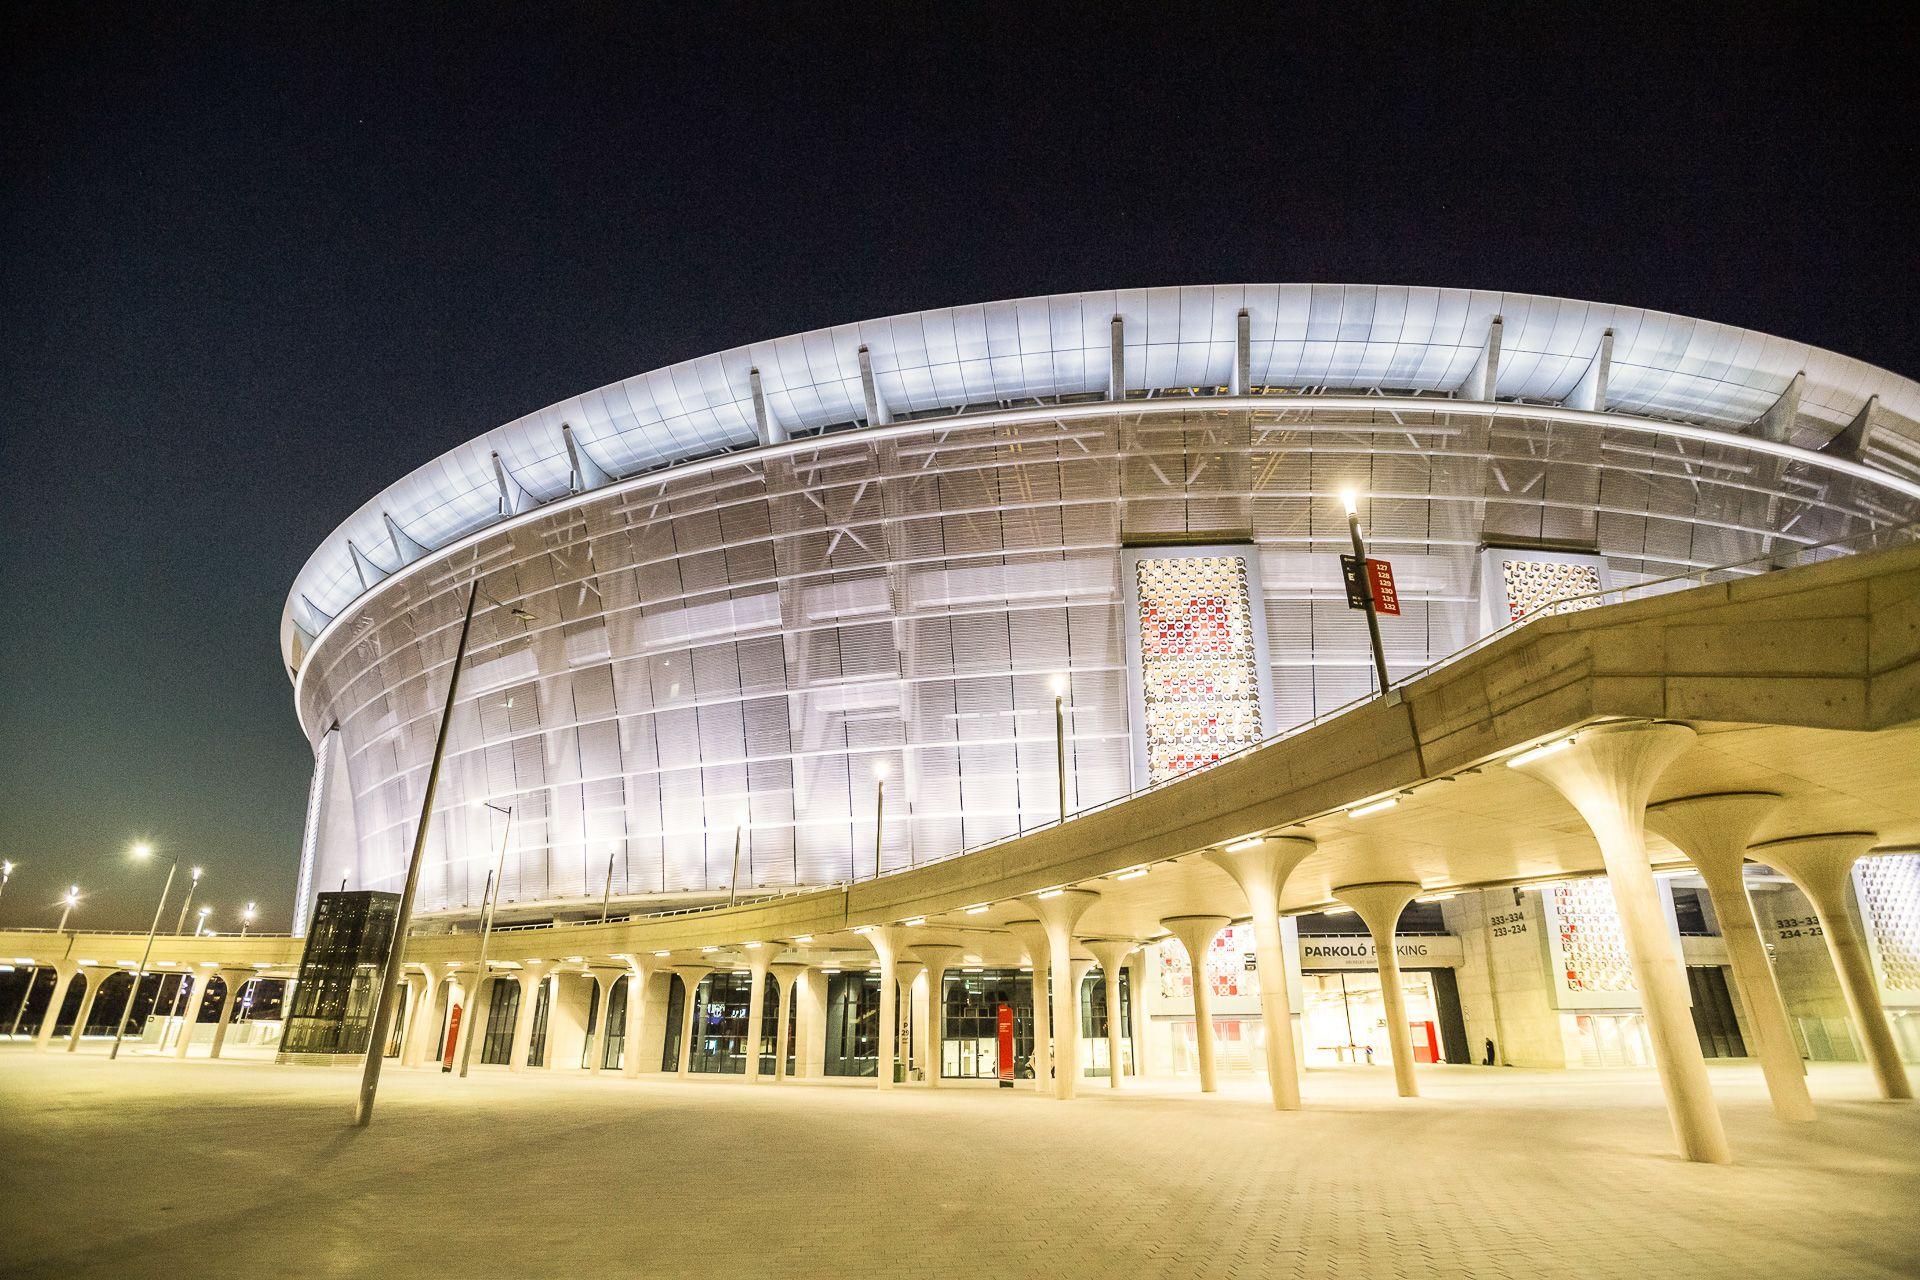 A koronavírus-járvány ellen küzdő egészségügyi dolgozók tiszteletére fehér fénnyel világítják ki a Puskás Ferenc Stadiont 2020. április 4-én (fotó: MTI/Mónus Márton)